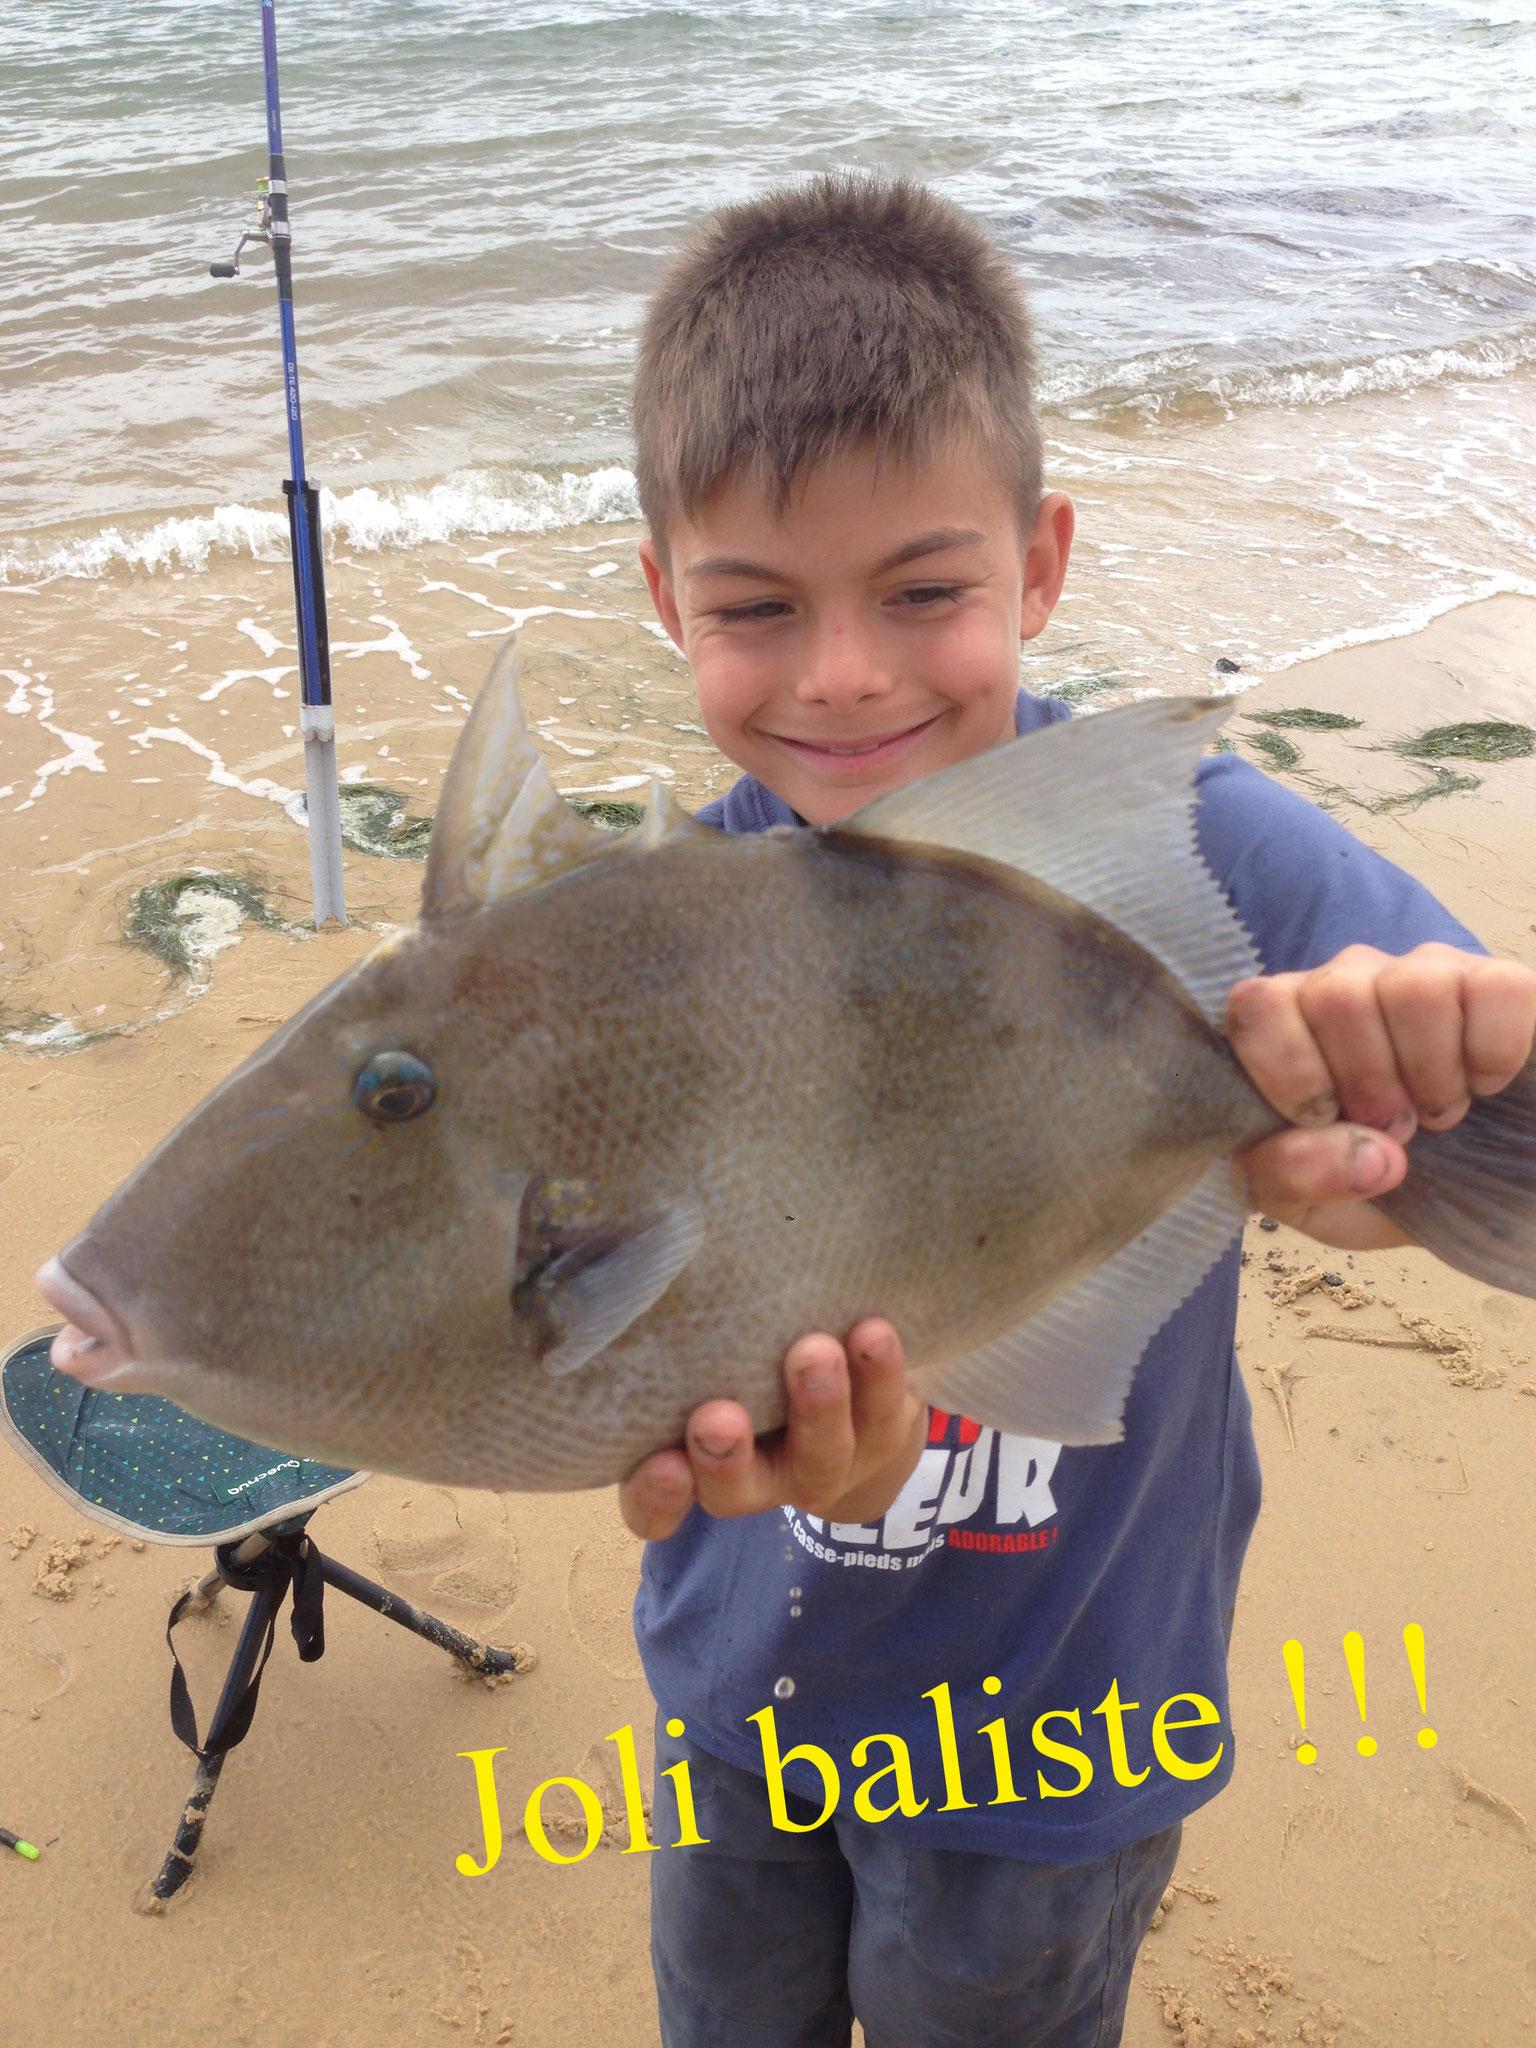 enfant pêche en mer le baliste